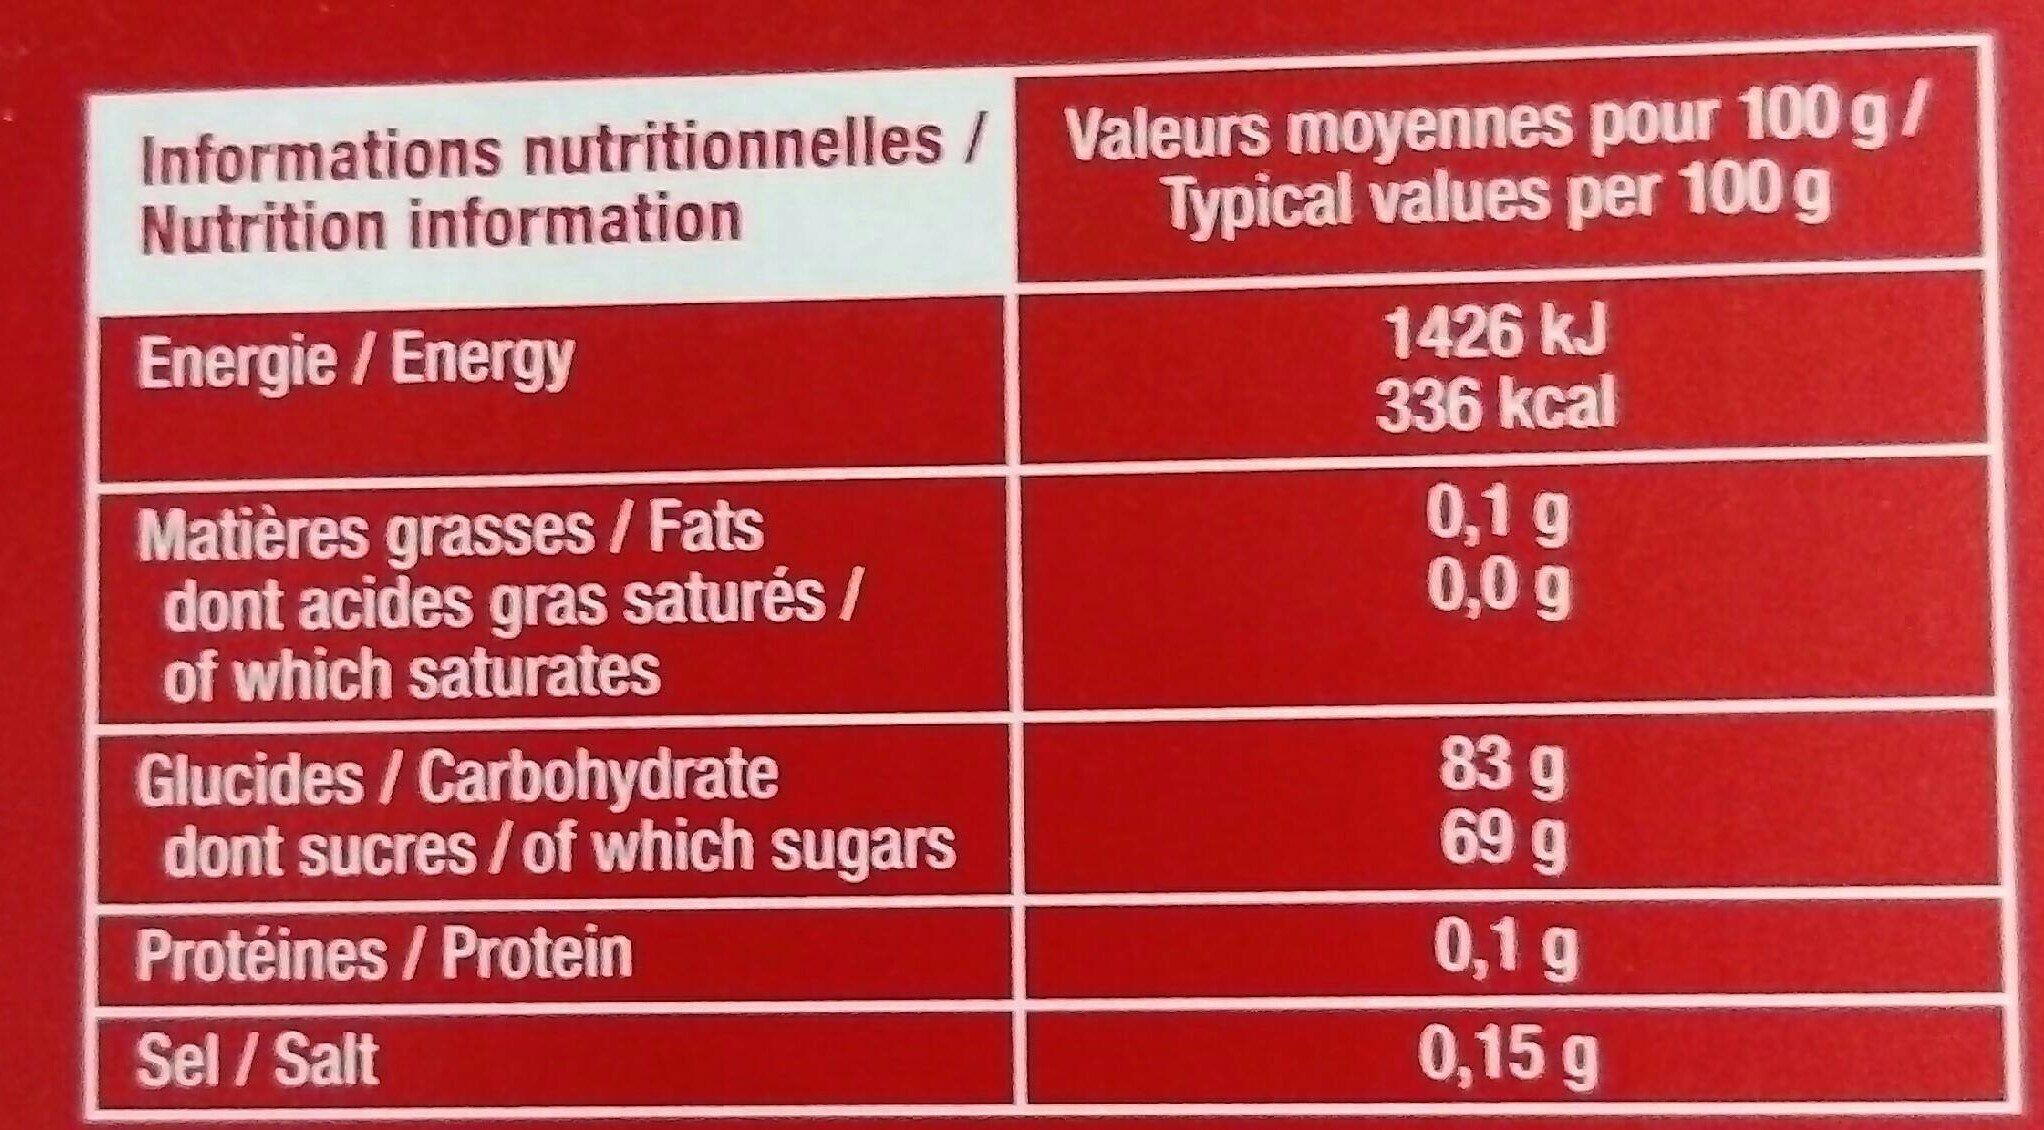 Bâtonnets pâtes de fruits - Informations nutritionnelles - fr